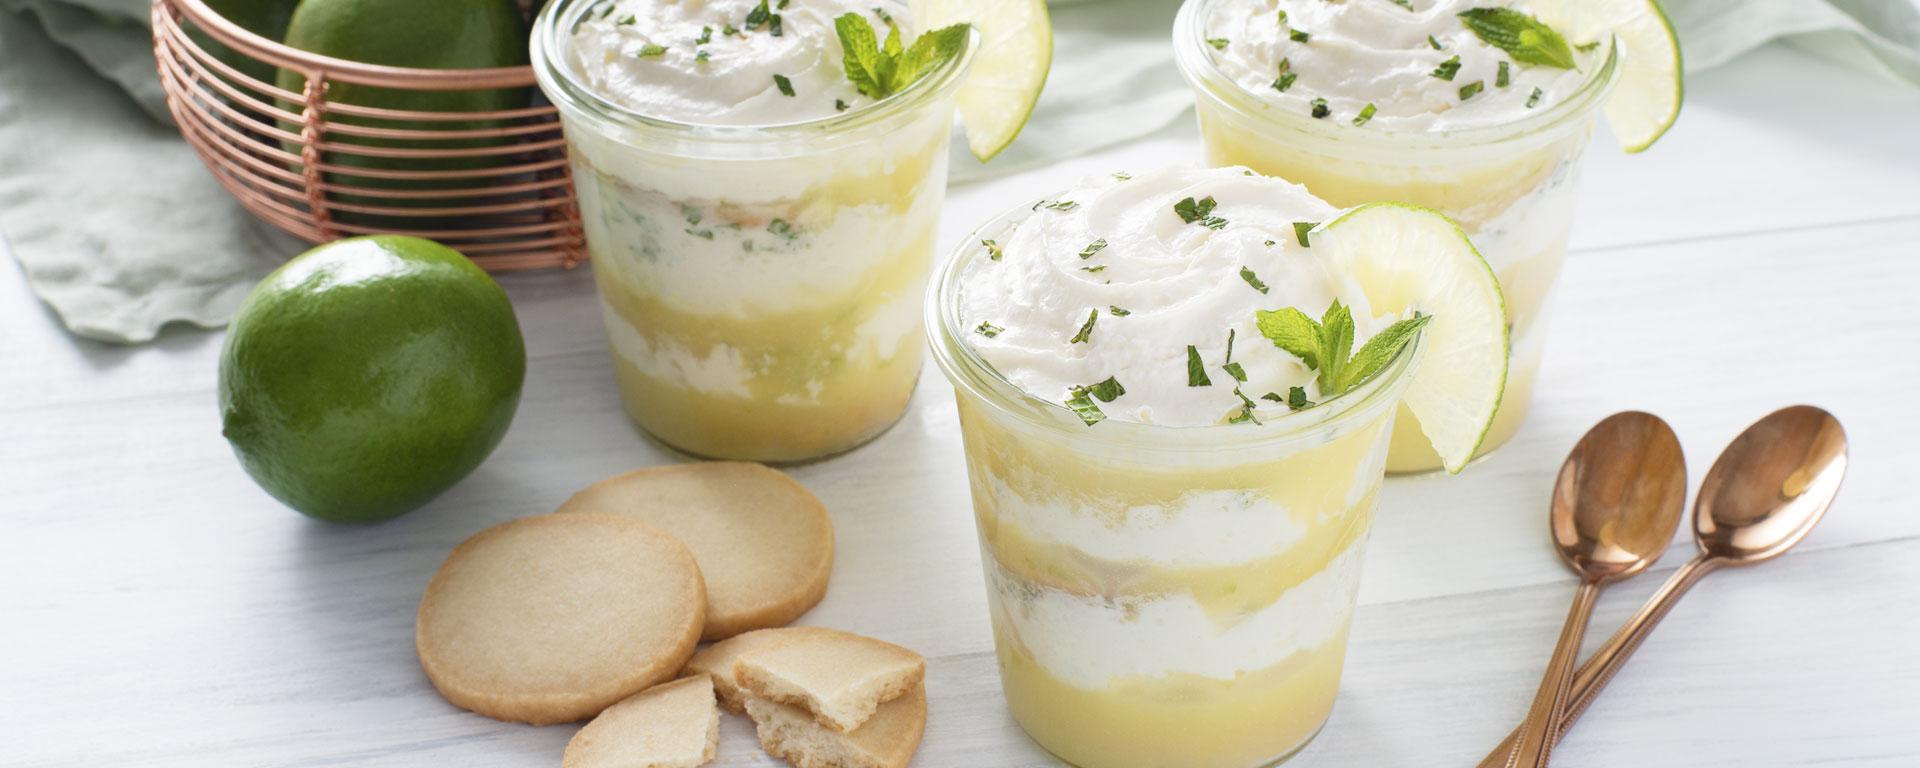 Photo for - Bagatelles de biscuits sablés au mojito